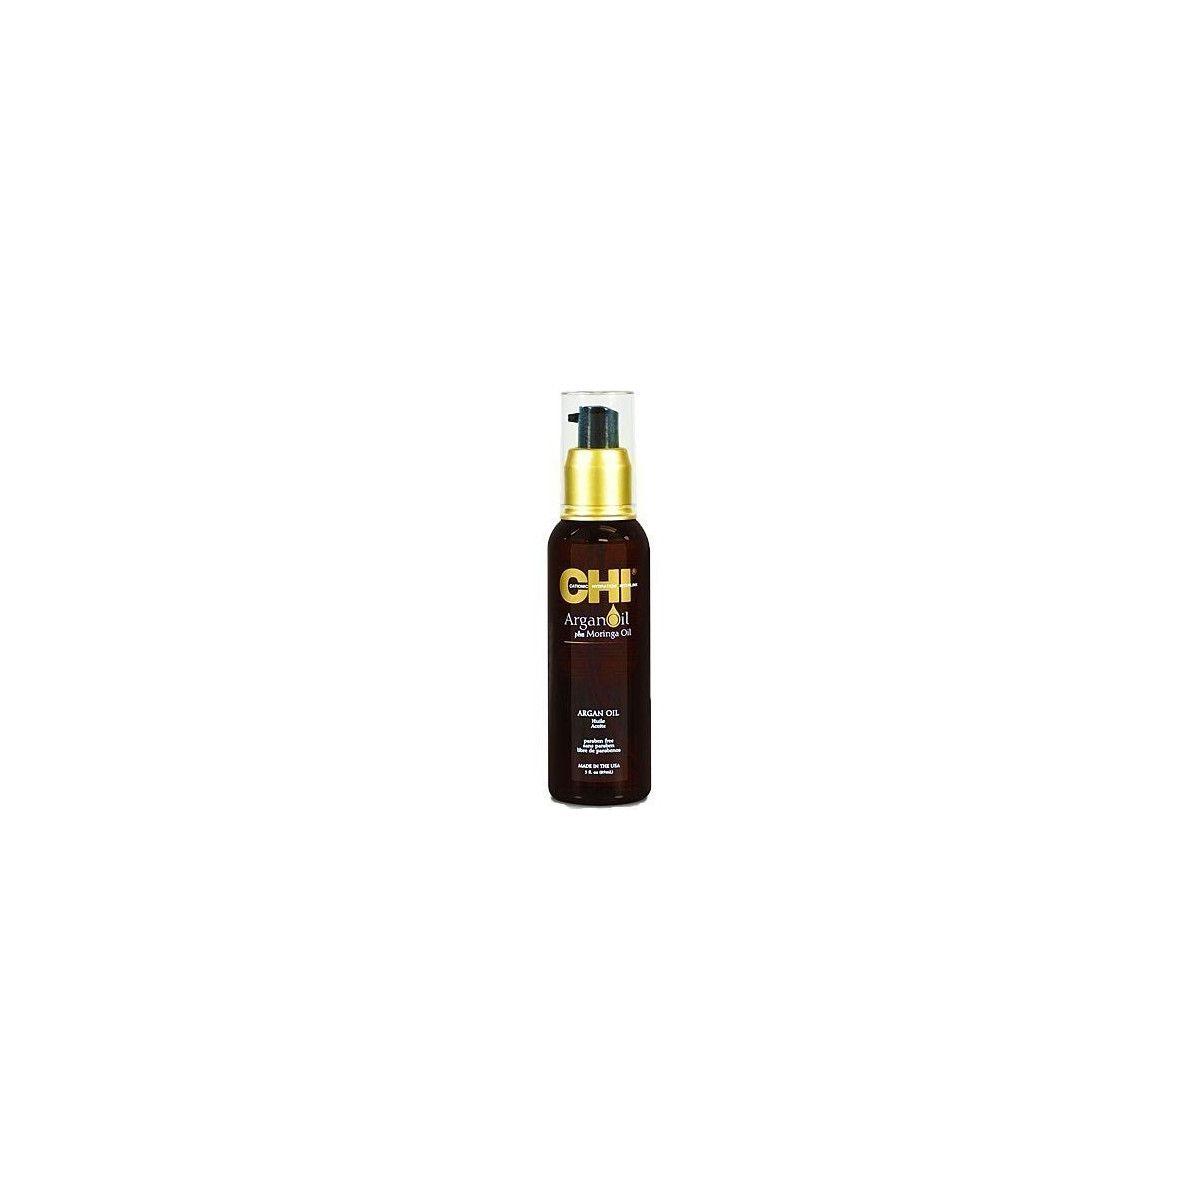 CHI Argan Oil, Odżywka do włosów bez spłukiwania 89ml